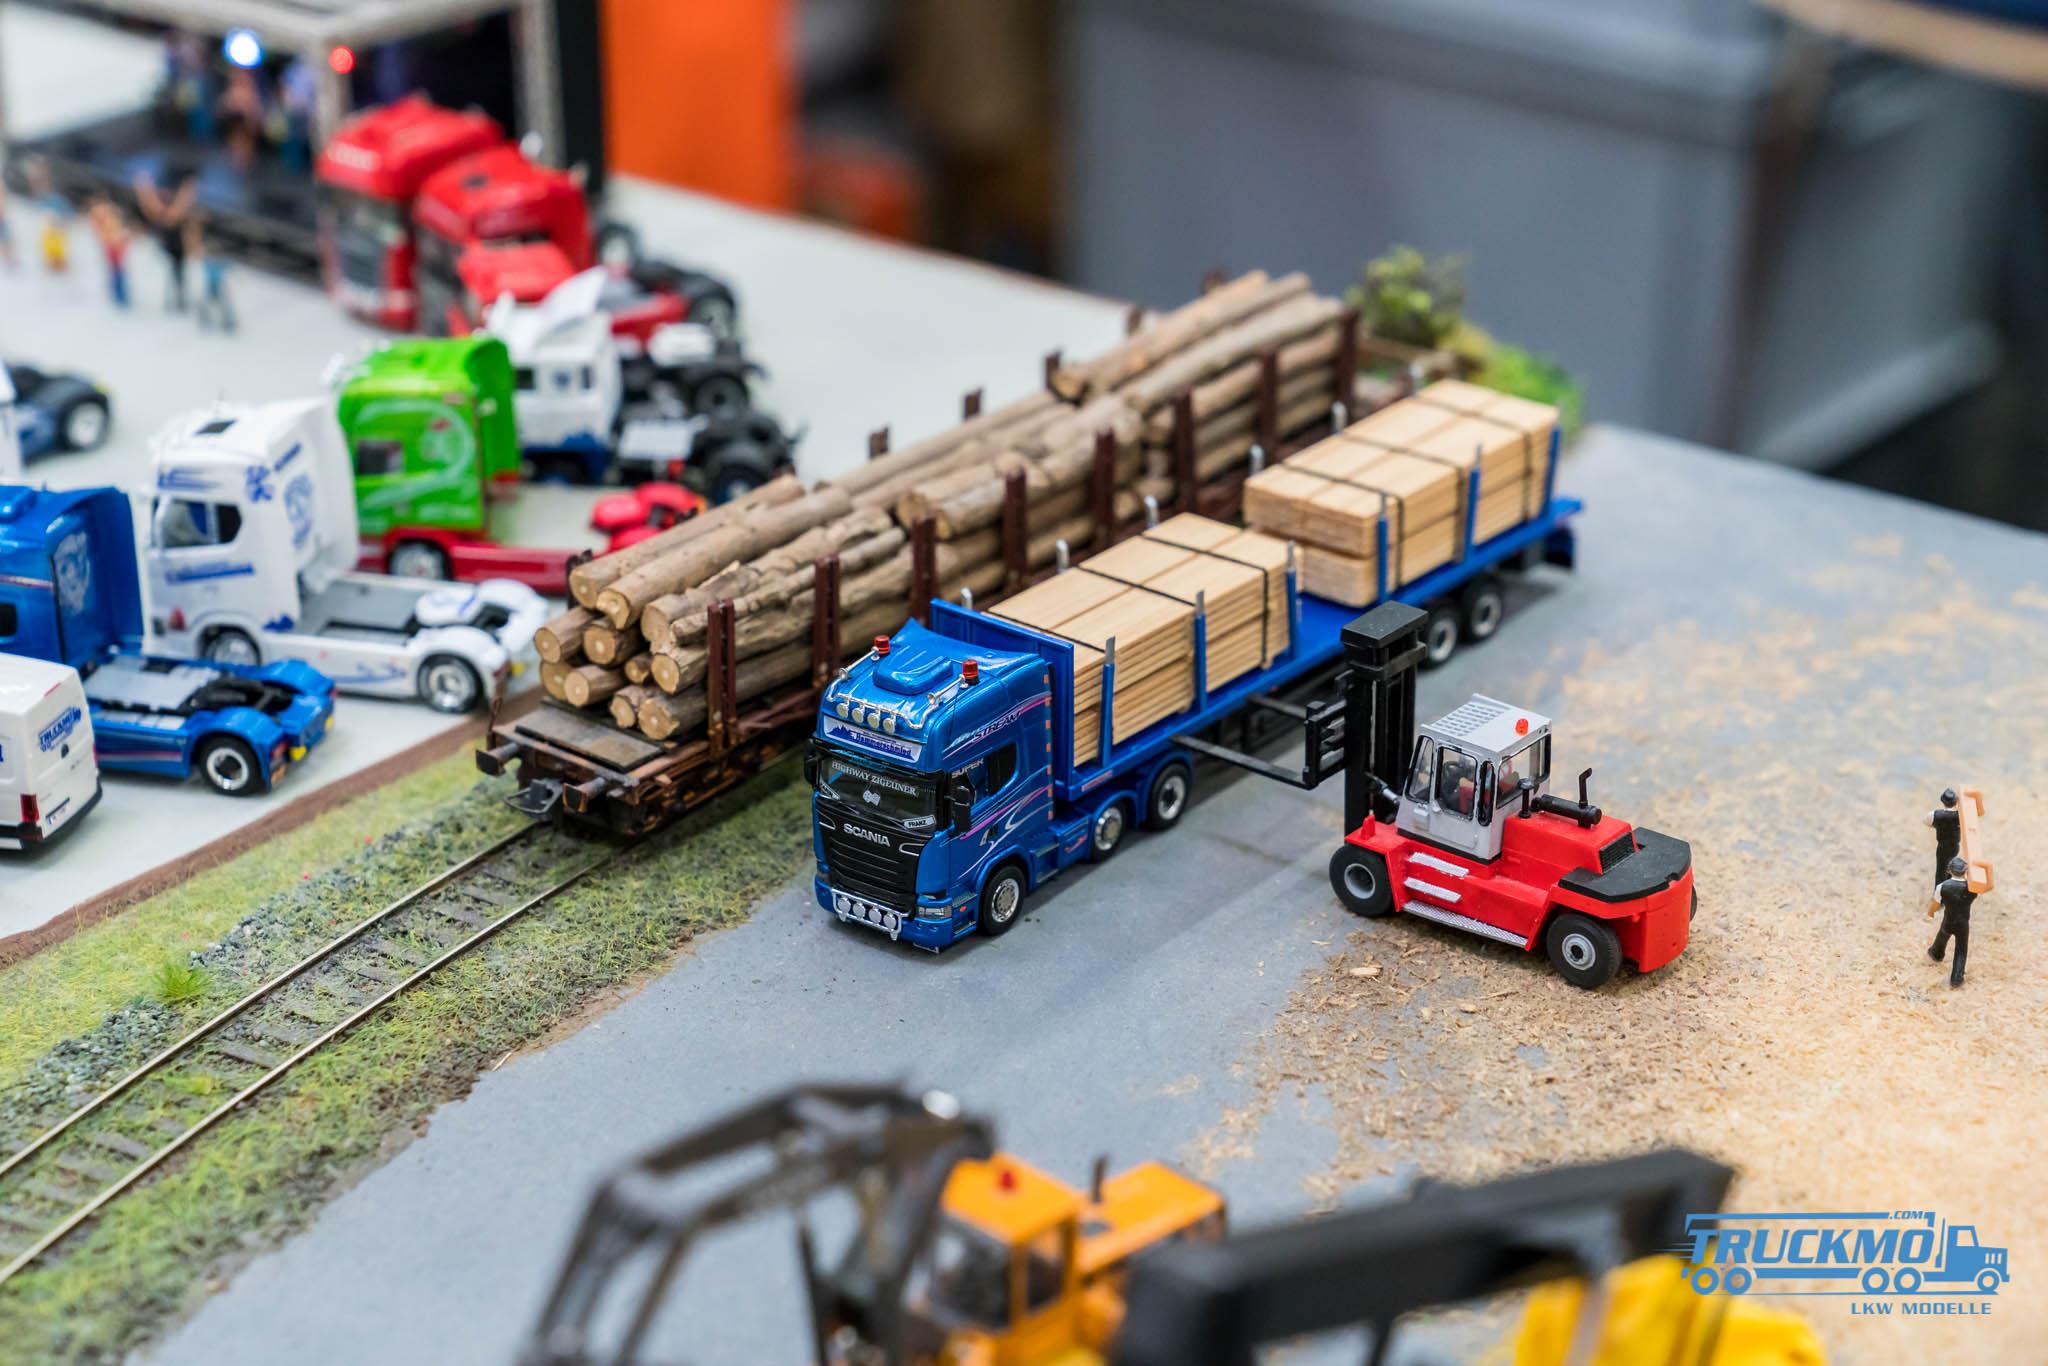 Truckmo_Modellbau_Ried_2017_Herpa_Messe_Modellbauausstellung (191 von 1177)